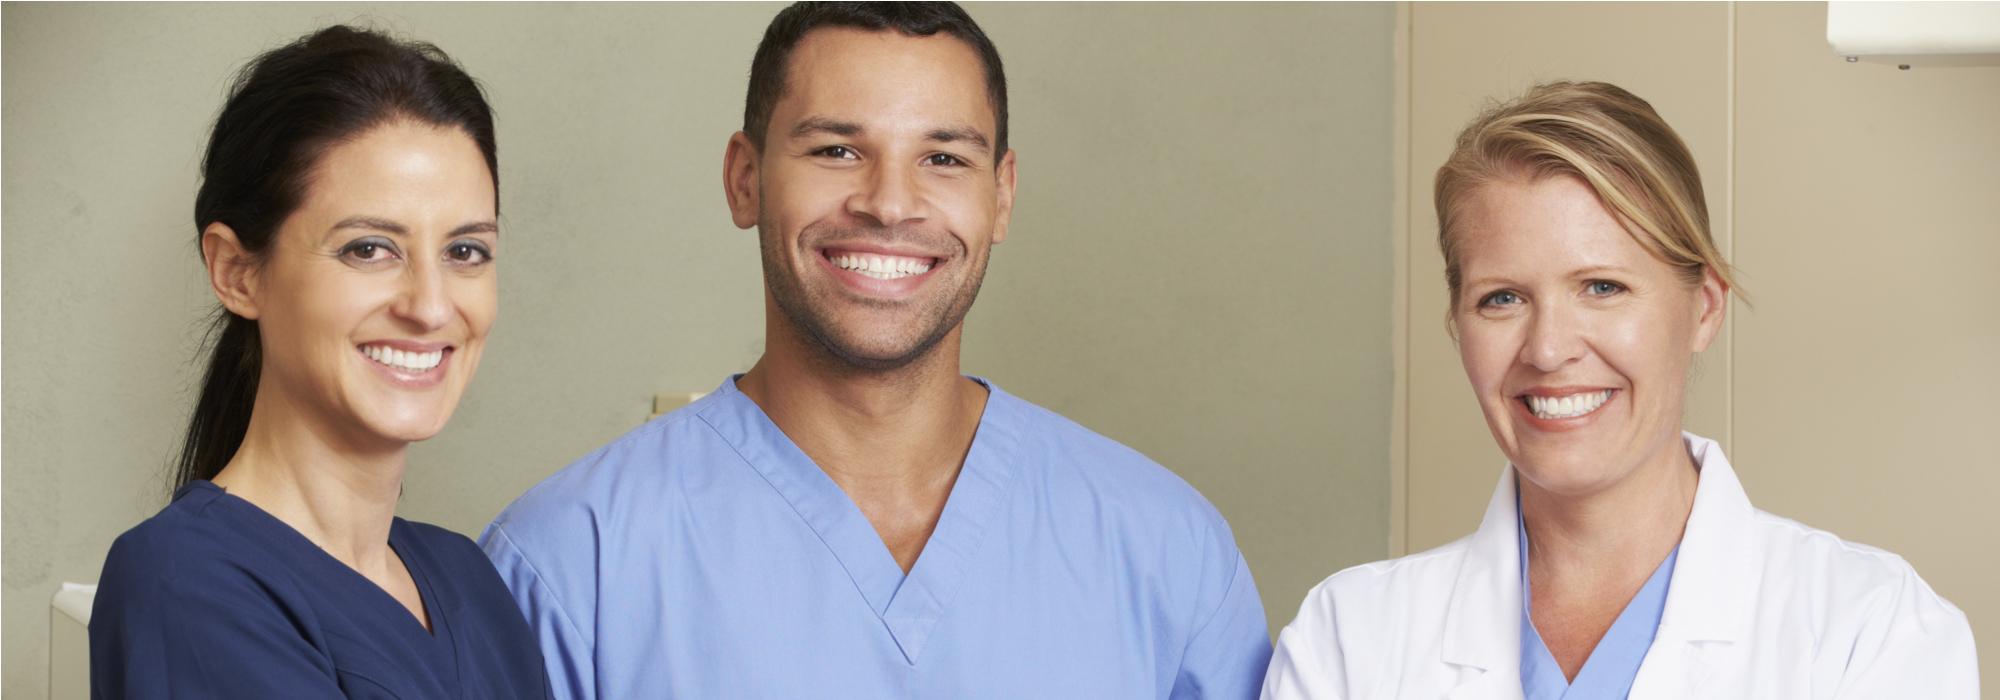 dental clinic in philadelphia